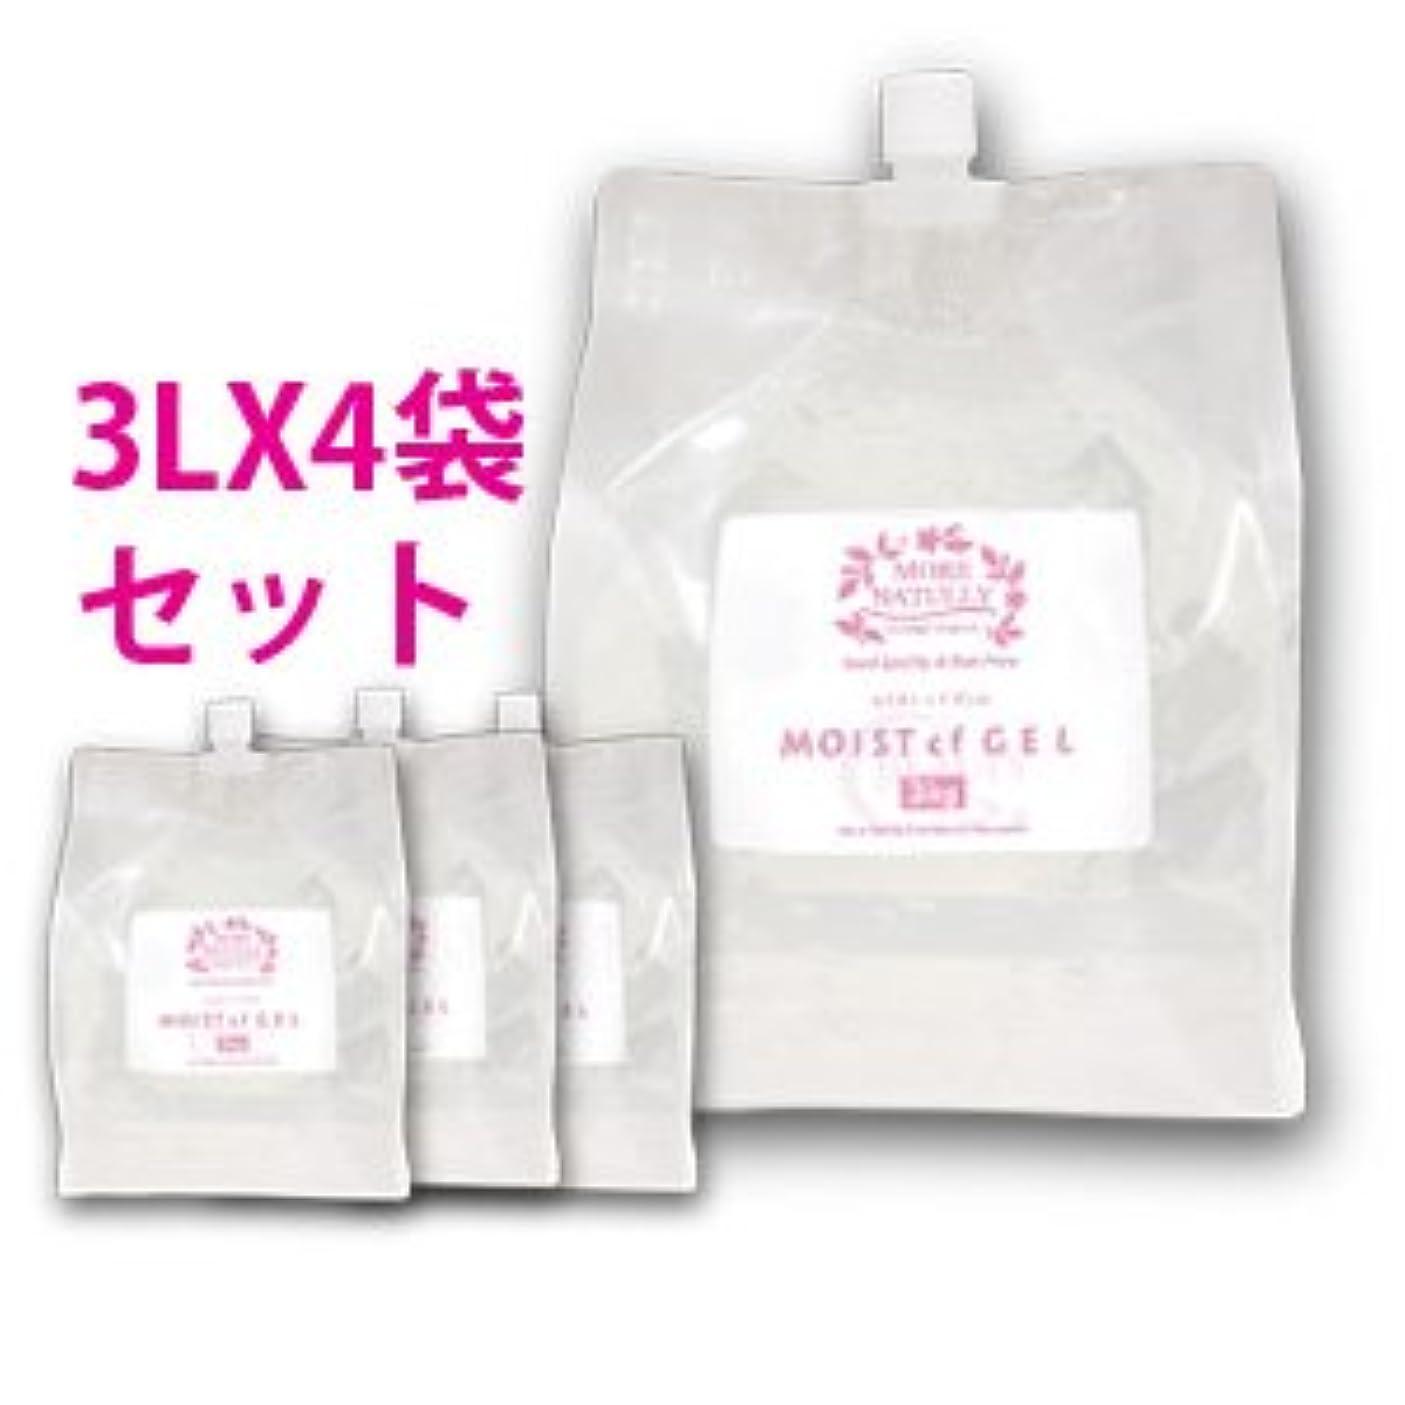 すり減るラフレシアアルノルディジョットディボンドンモアナチュリー モイストcfジェル 4袋セット 3kg×4袋